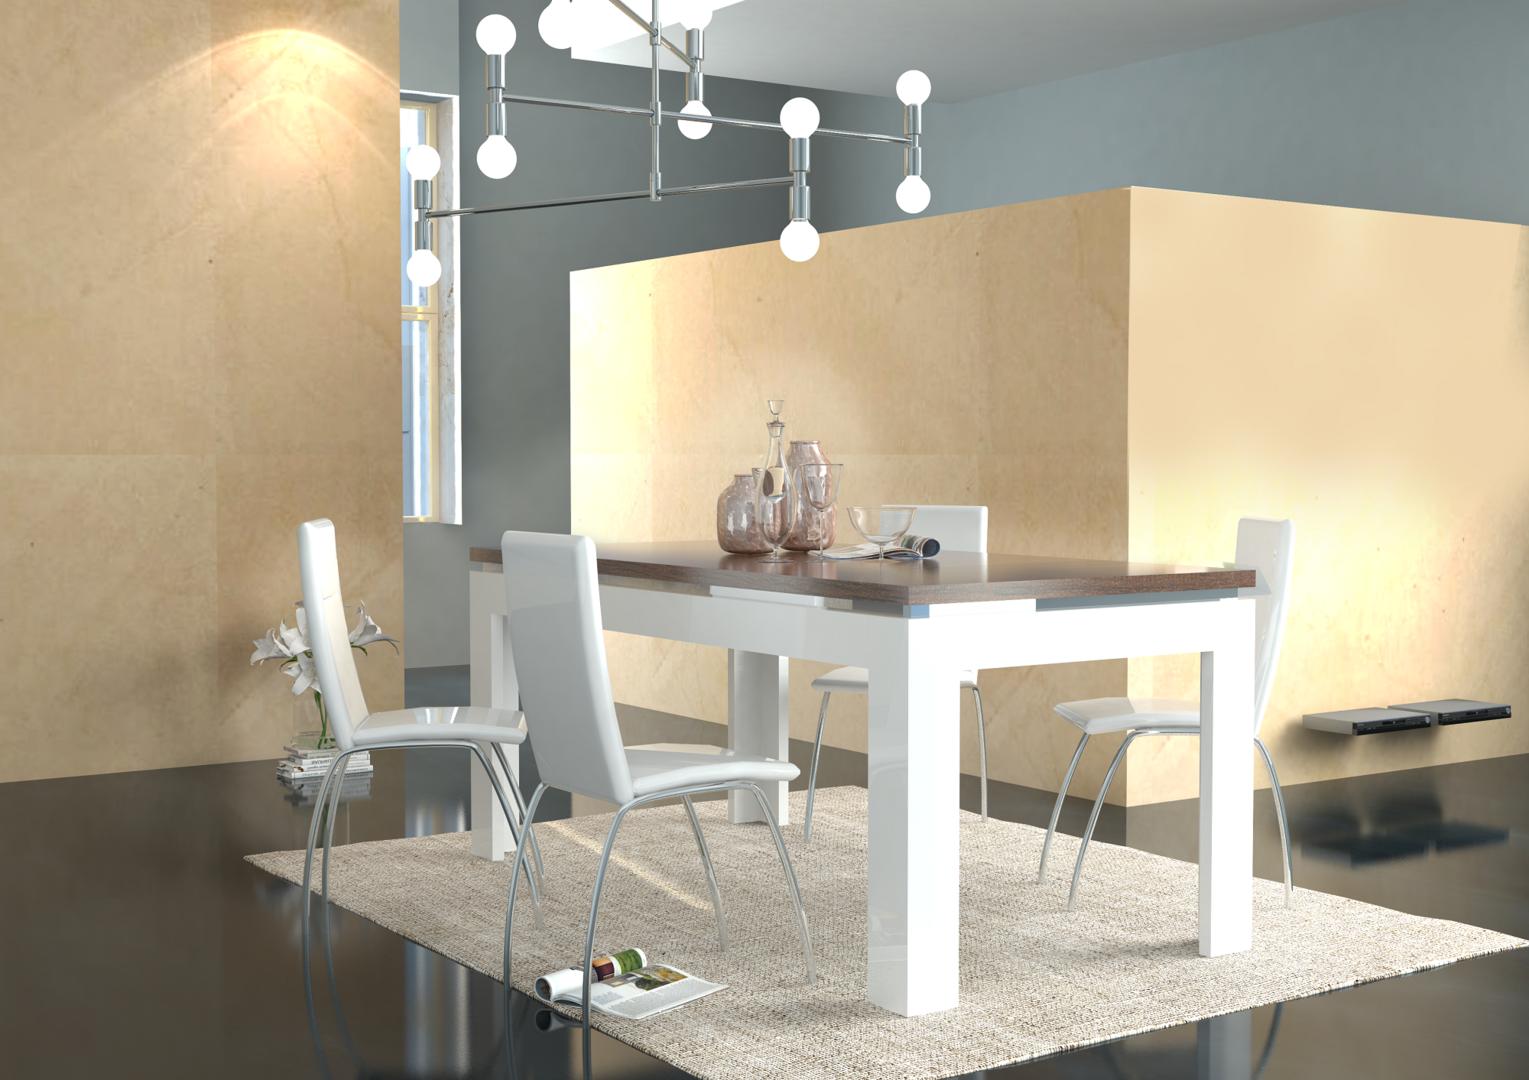 Tavoli per soggiorni moderni tavolo soggiorno piccolo for Tavoli e sedie soggiorno moderno